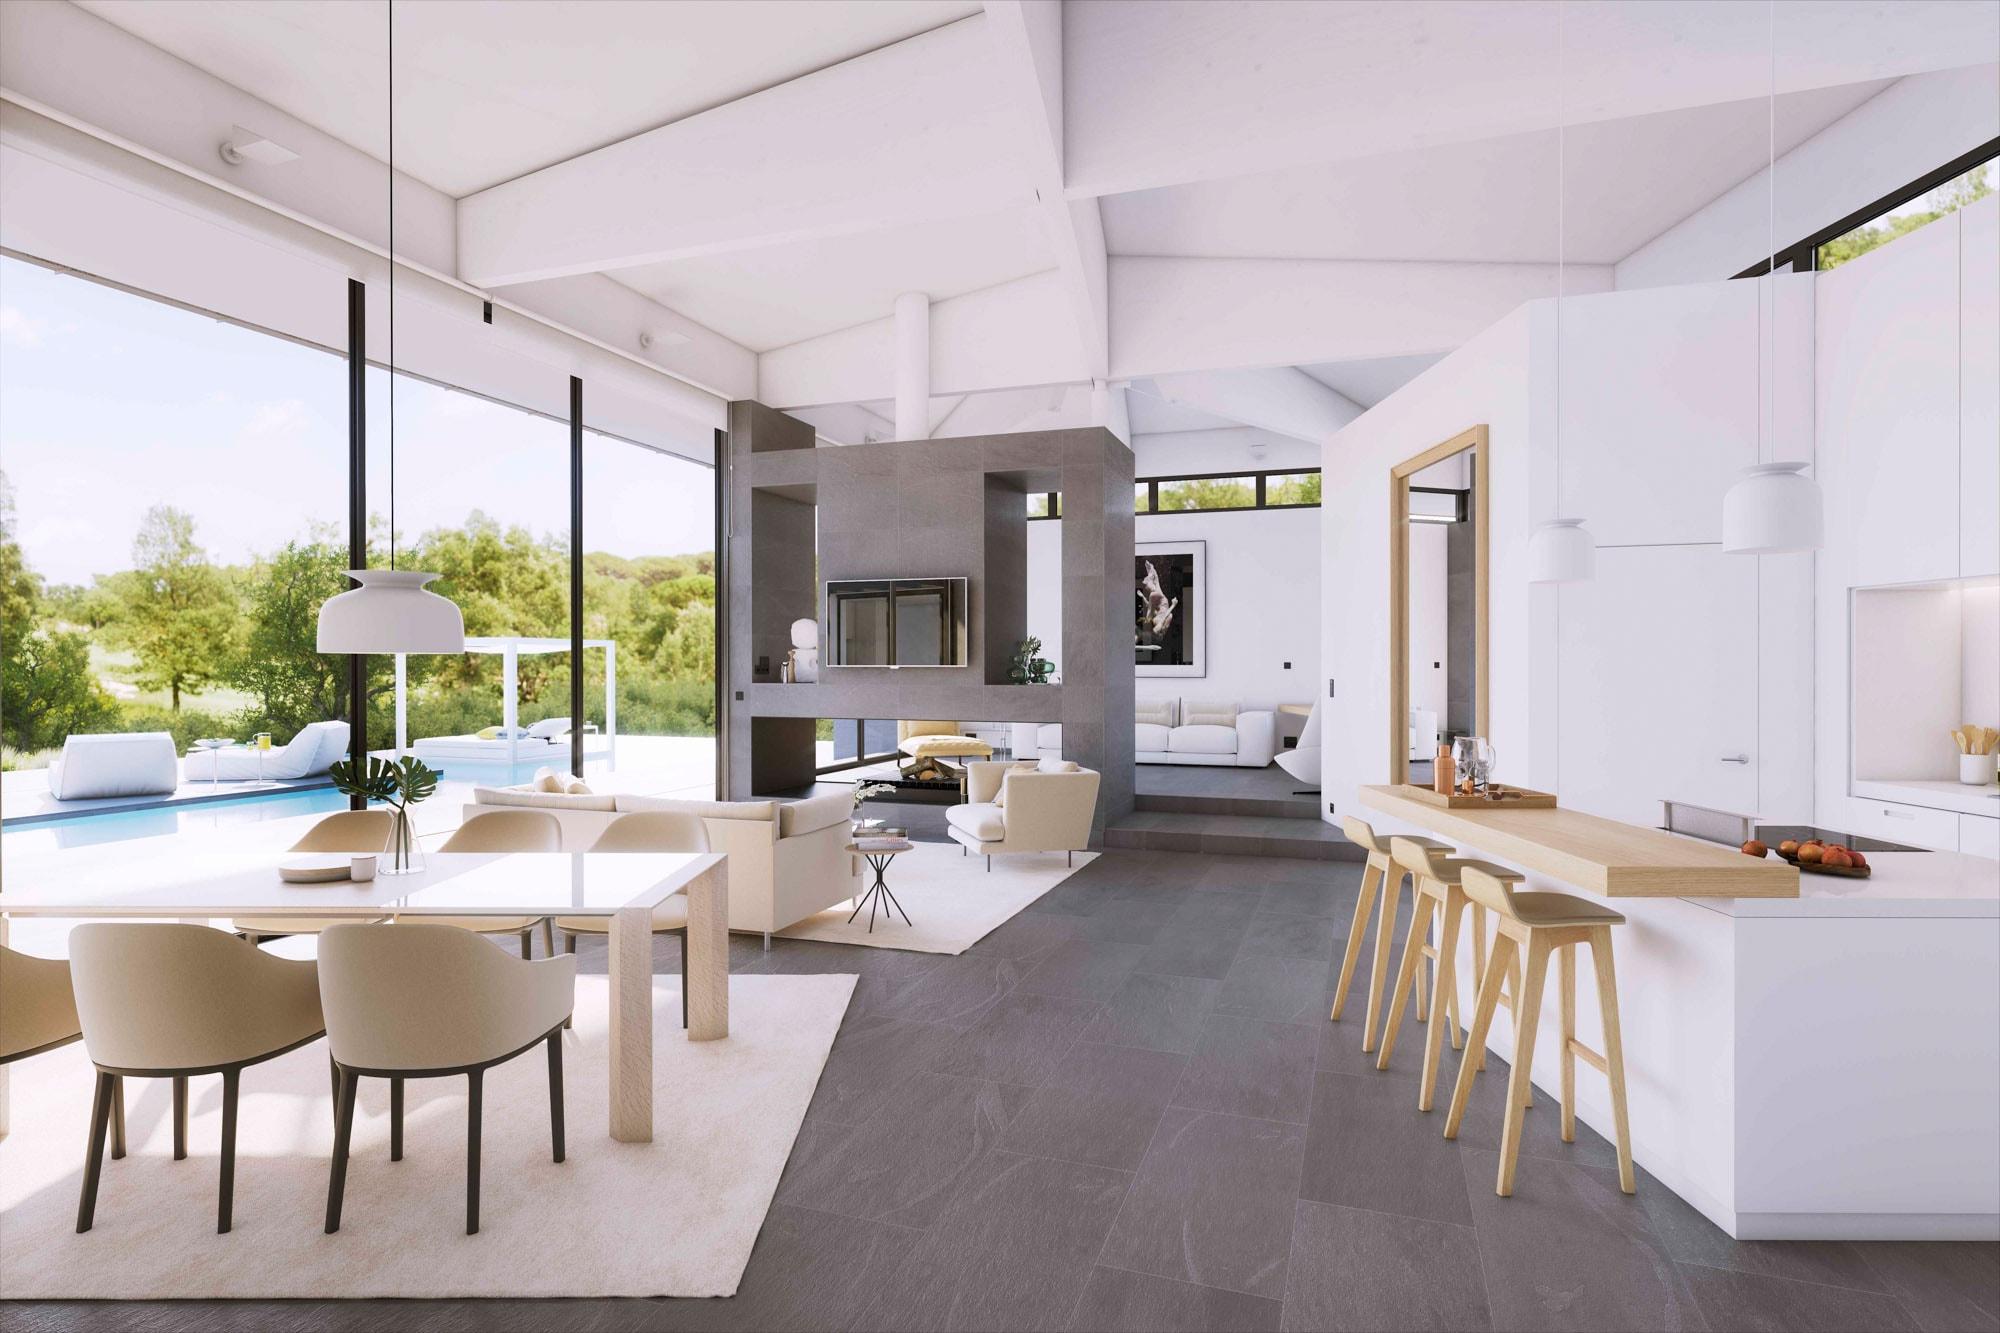 PGA Catalunya Resort: Setting für den Luxusurlaub, exklusiven Lifestyle und das Immobilien-Investment 15